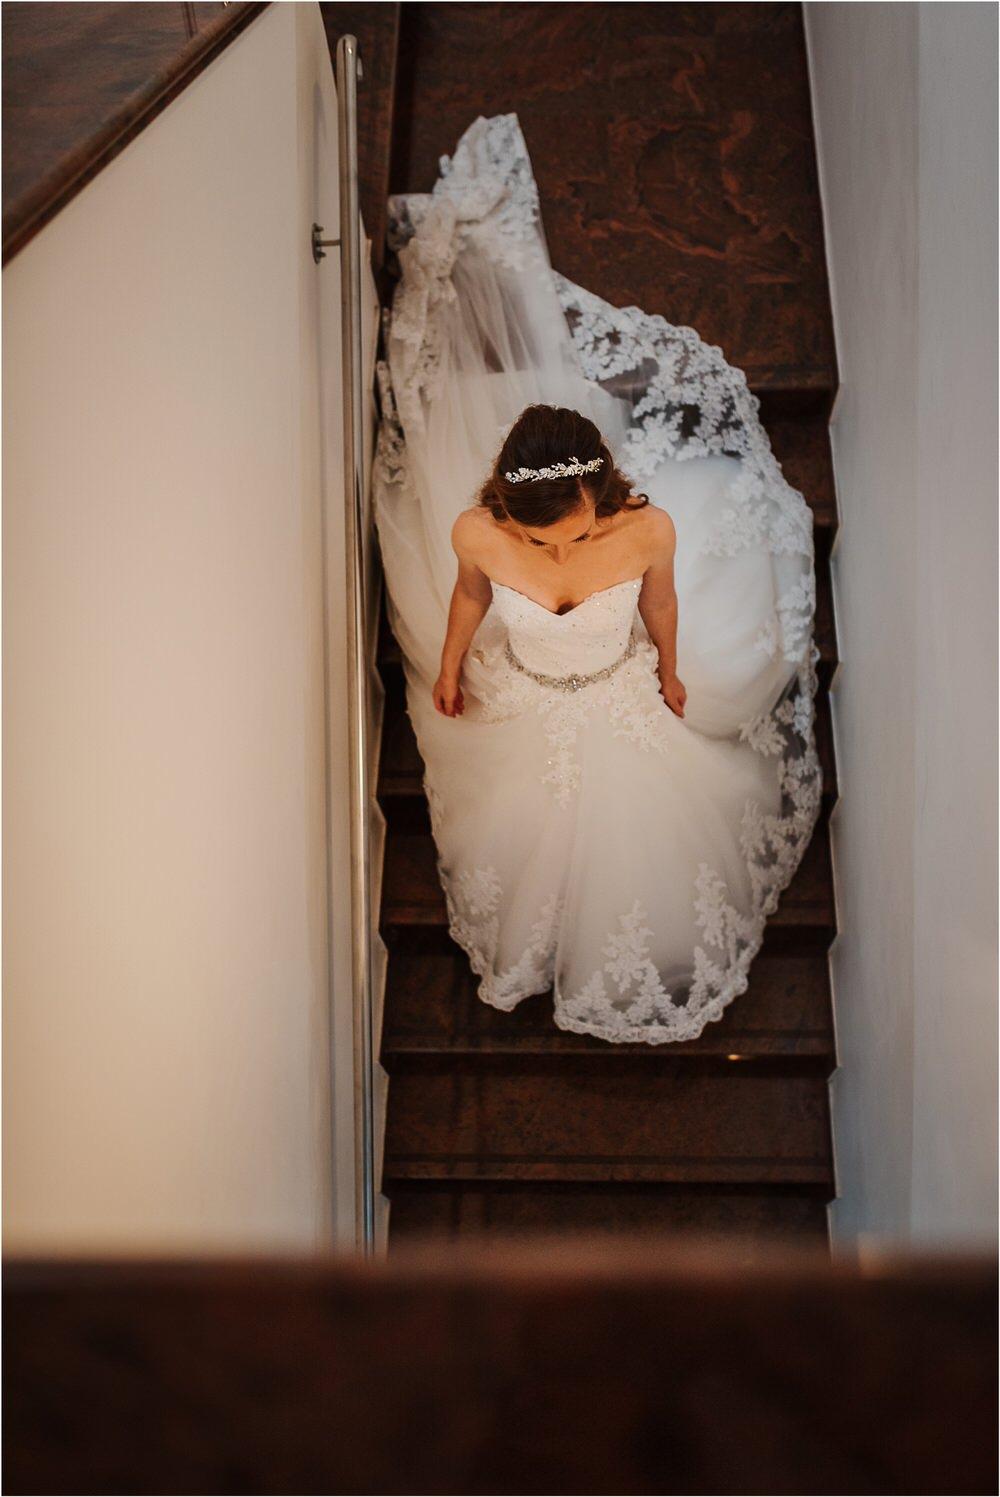 zicka kartuzija poroka porocni fotograf fotografija luka in ben loce elegantna poroka slovenski porocni fotograf  0029.jpg